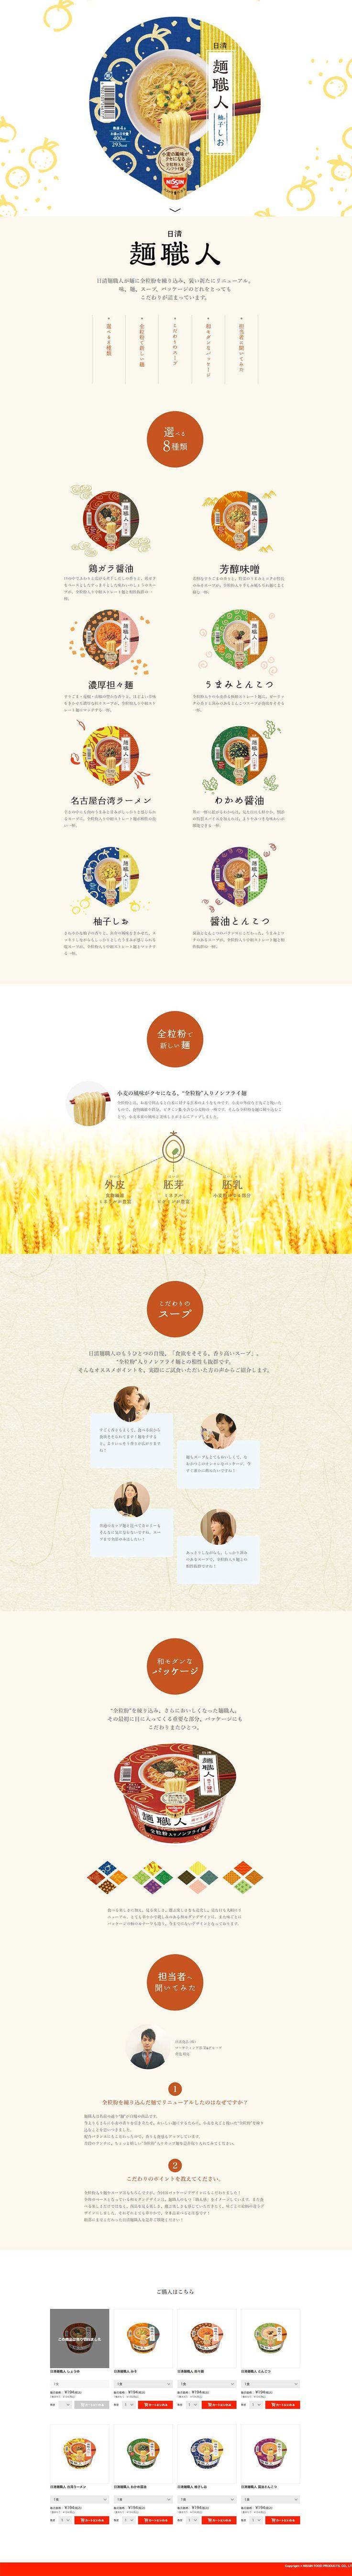 日清食品株式会社様の「日清麺職人」のランディングページ(LP)和風系|食品 #LP #ランディングページ #ランペ #日清麺職人